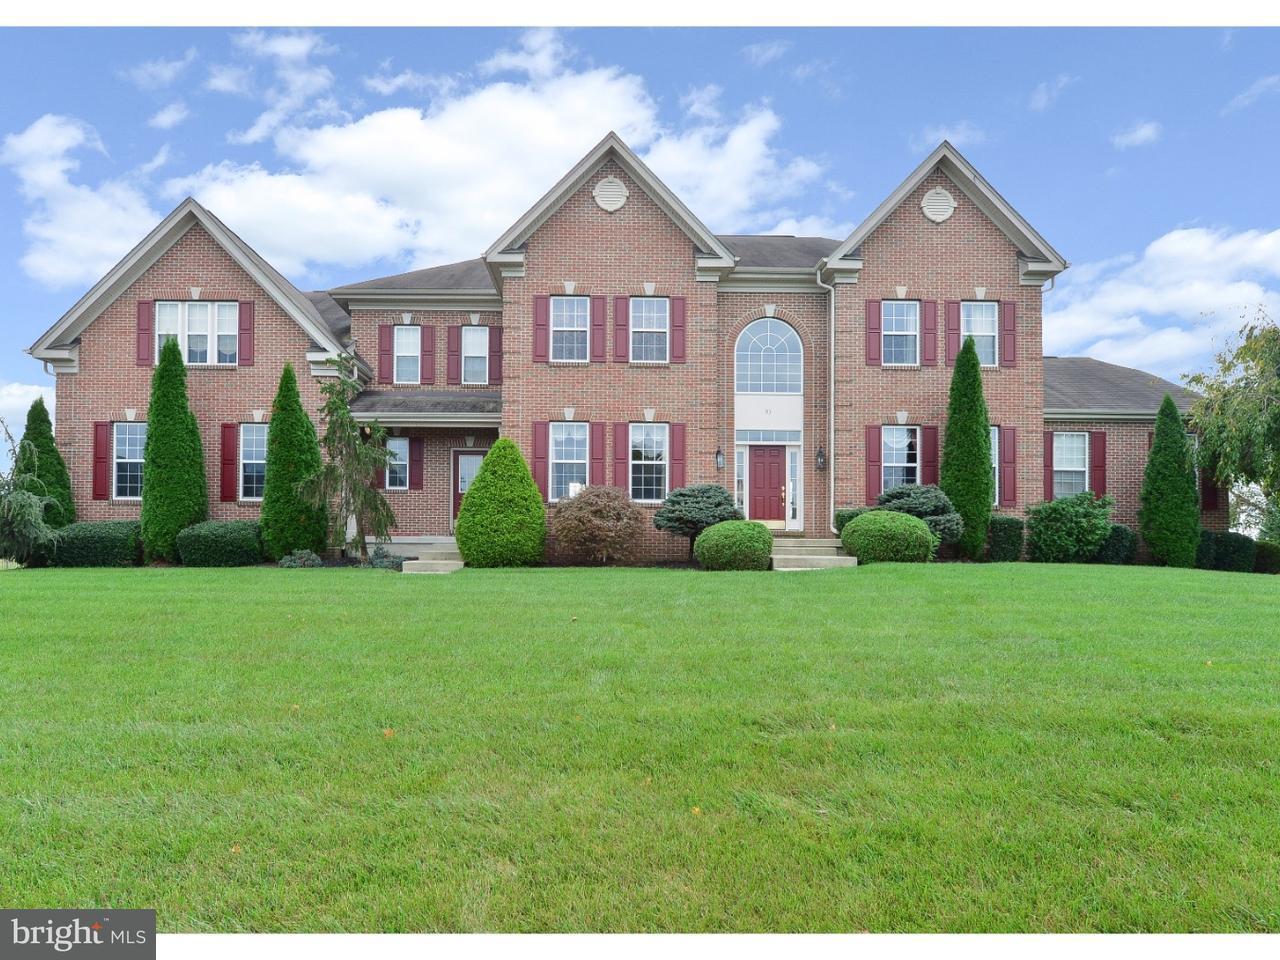 Maison unifamiliale pour l Vente à 93 BALSAM Road Lumberton, New Jersey 08048 États-Unis